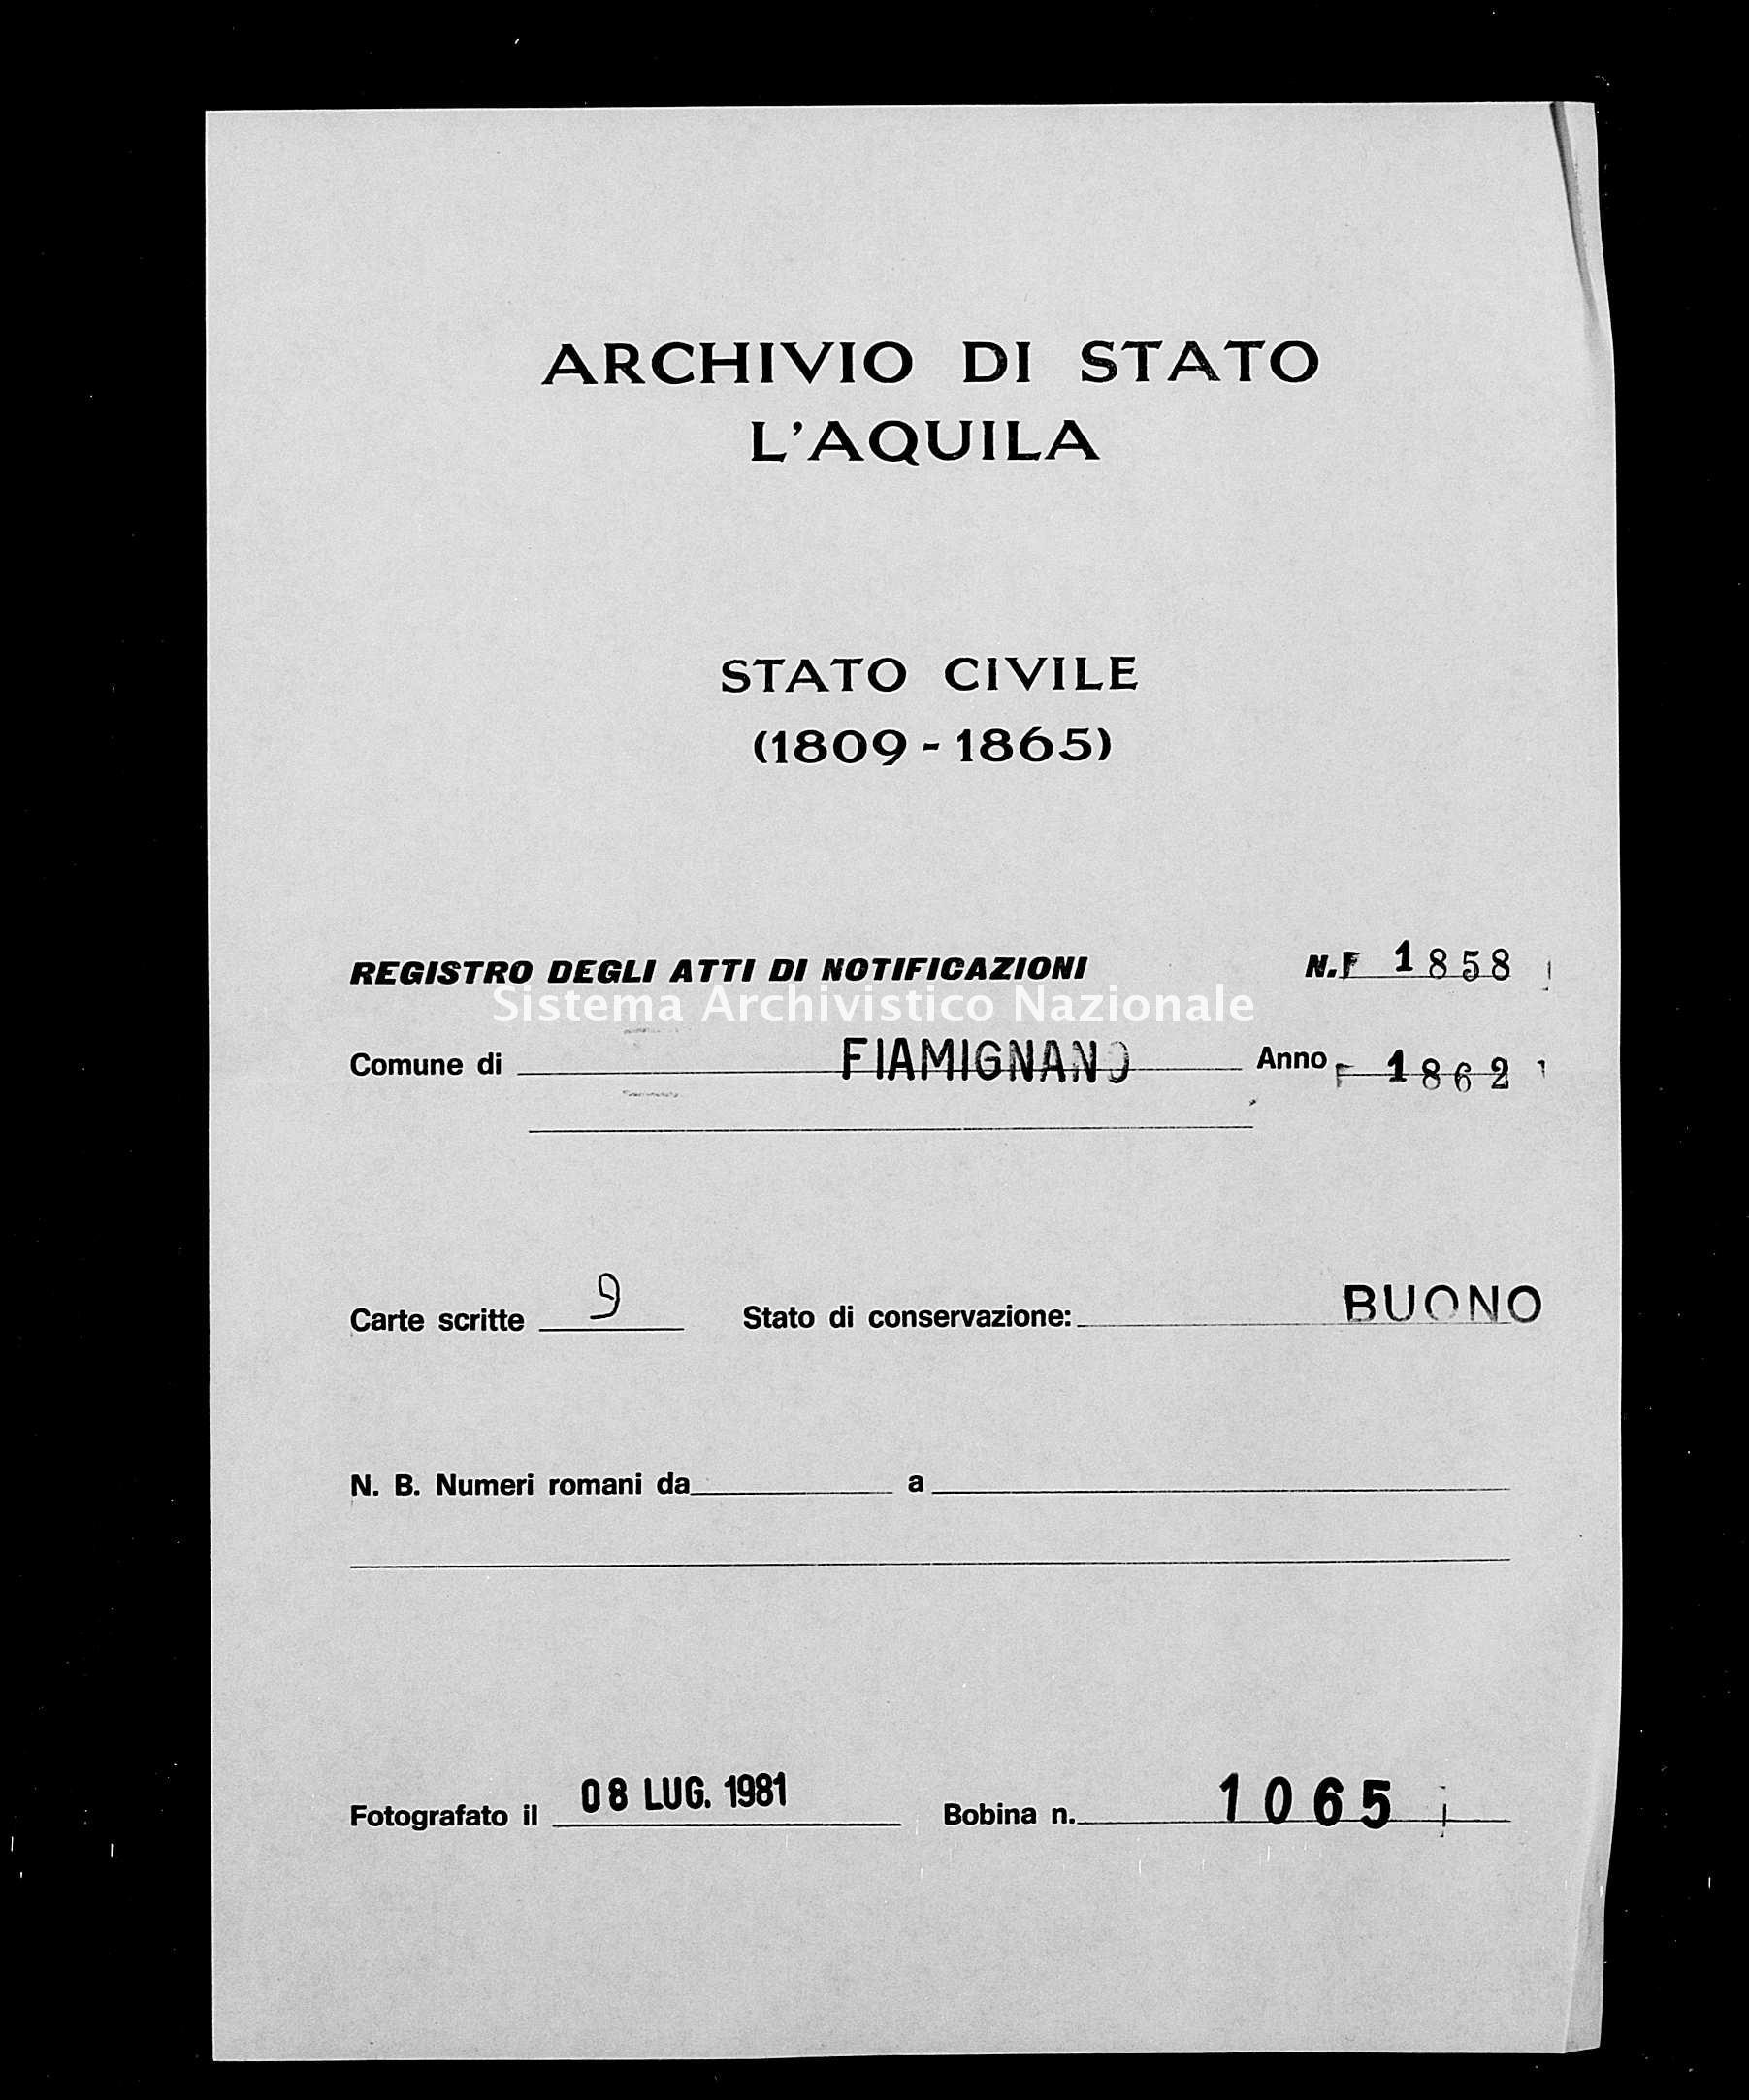 Archivio di stato di L'aquila - Stato civile italiano - Fiamignano - Matrimoni, memorandum notificazioni ed opposizioni - 1862 - 1858 -